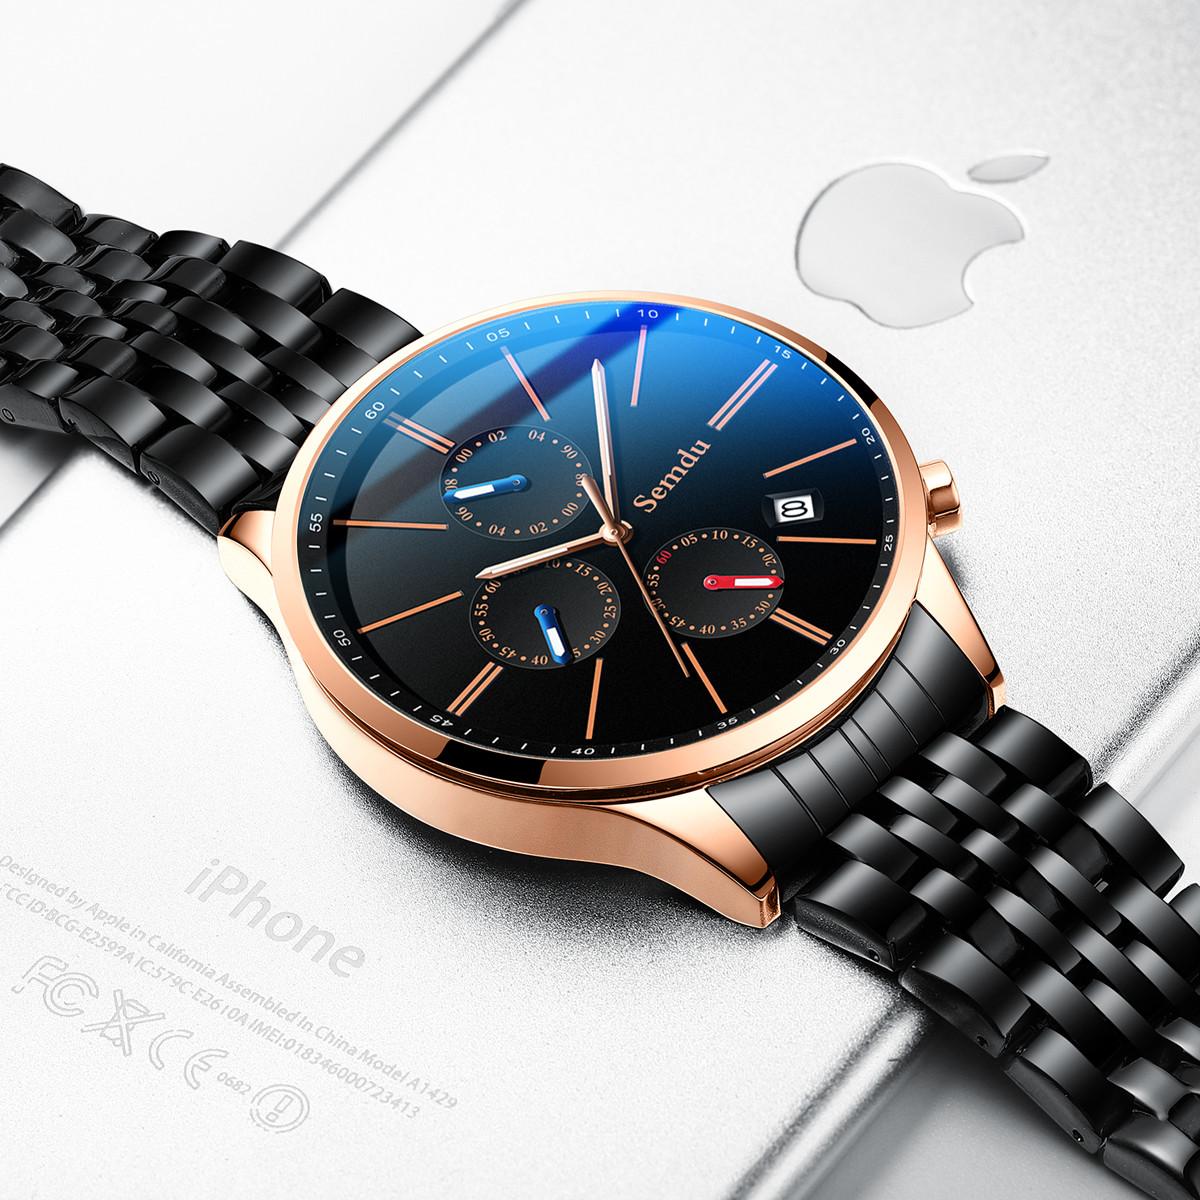 绅度【正品授权】新概念腕表指针系列时尚钢带休闲商务石英男士手表SD9223GRB